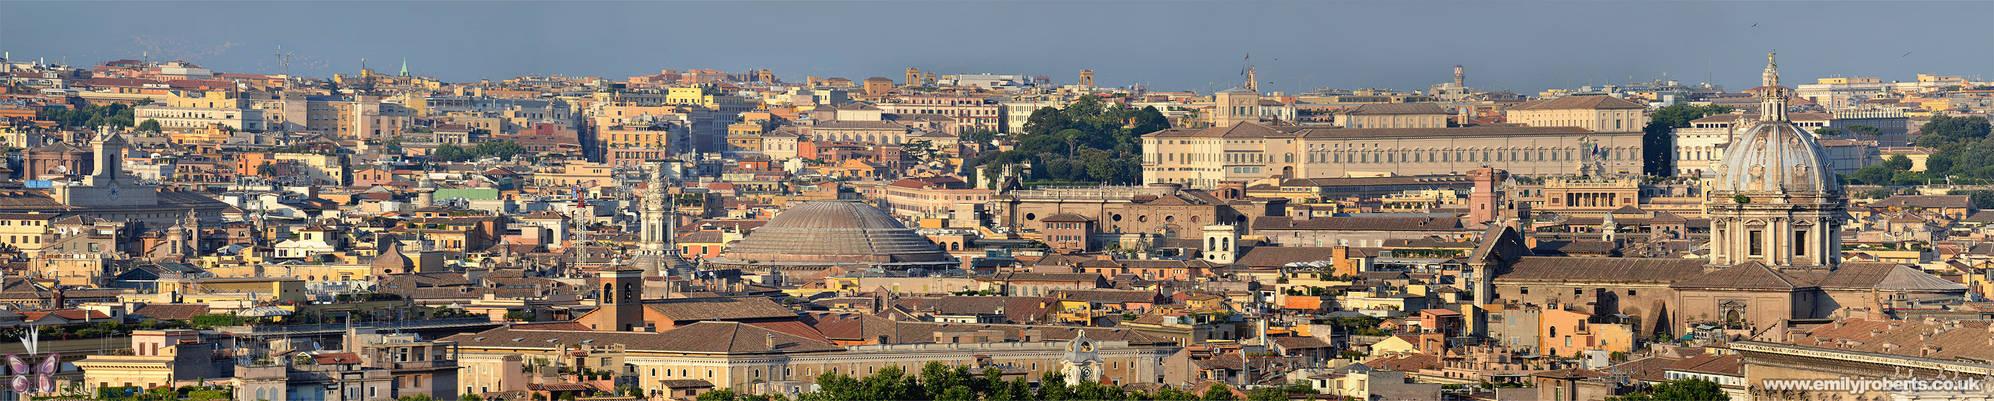 Rome Panoramic - Janiculum Hill